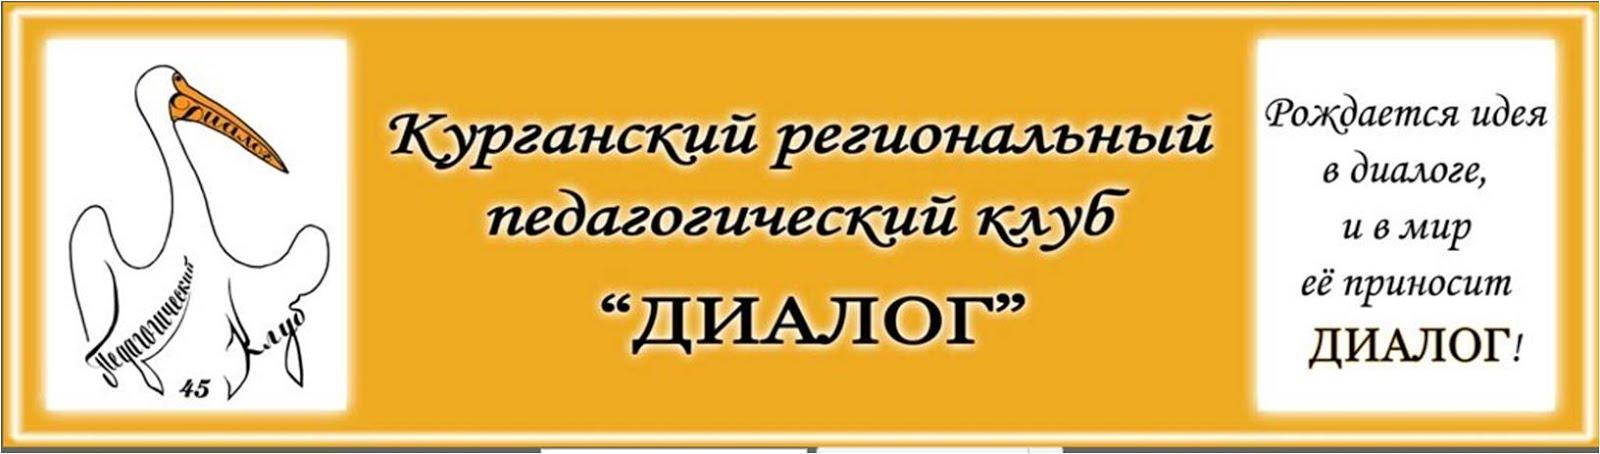 """Курганский региональный педагогический клуб """"Диалог"""""""